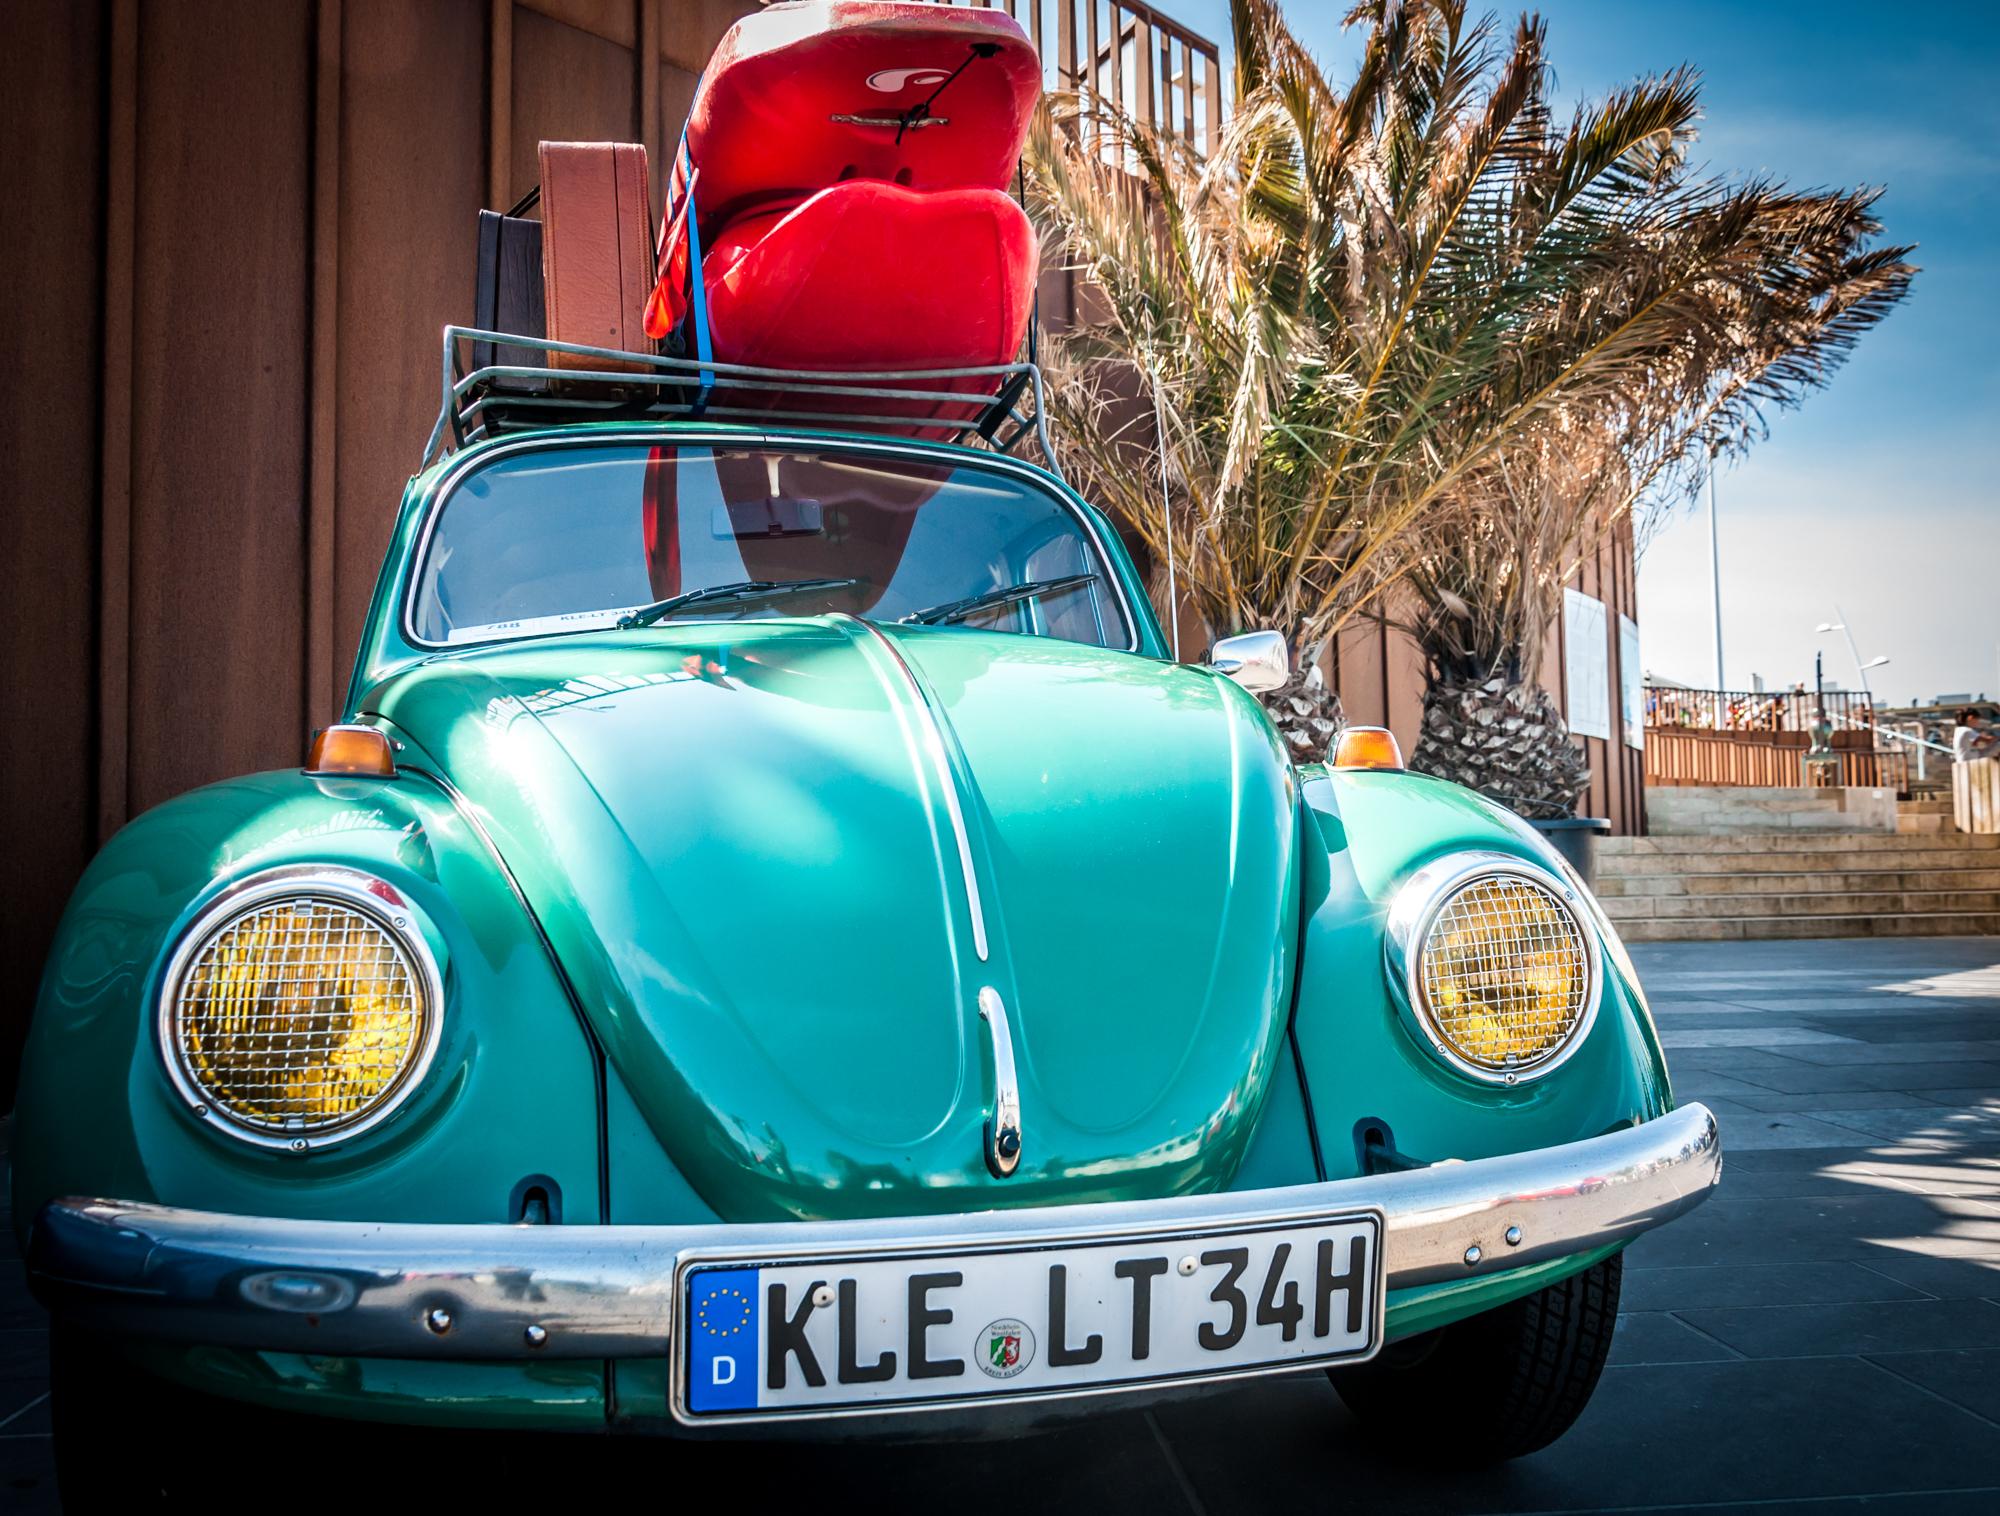 Volkswagen beetle car photo